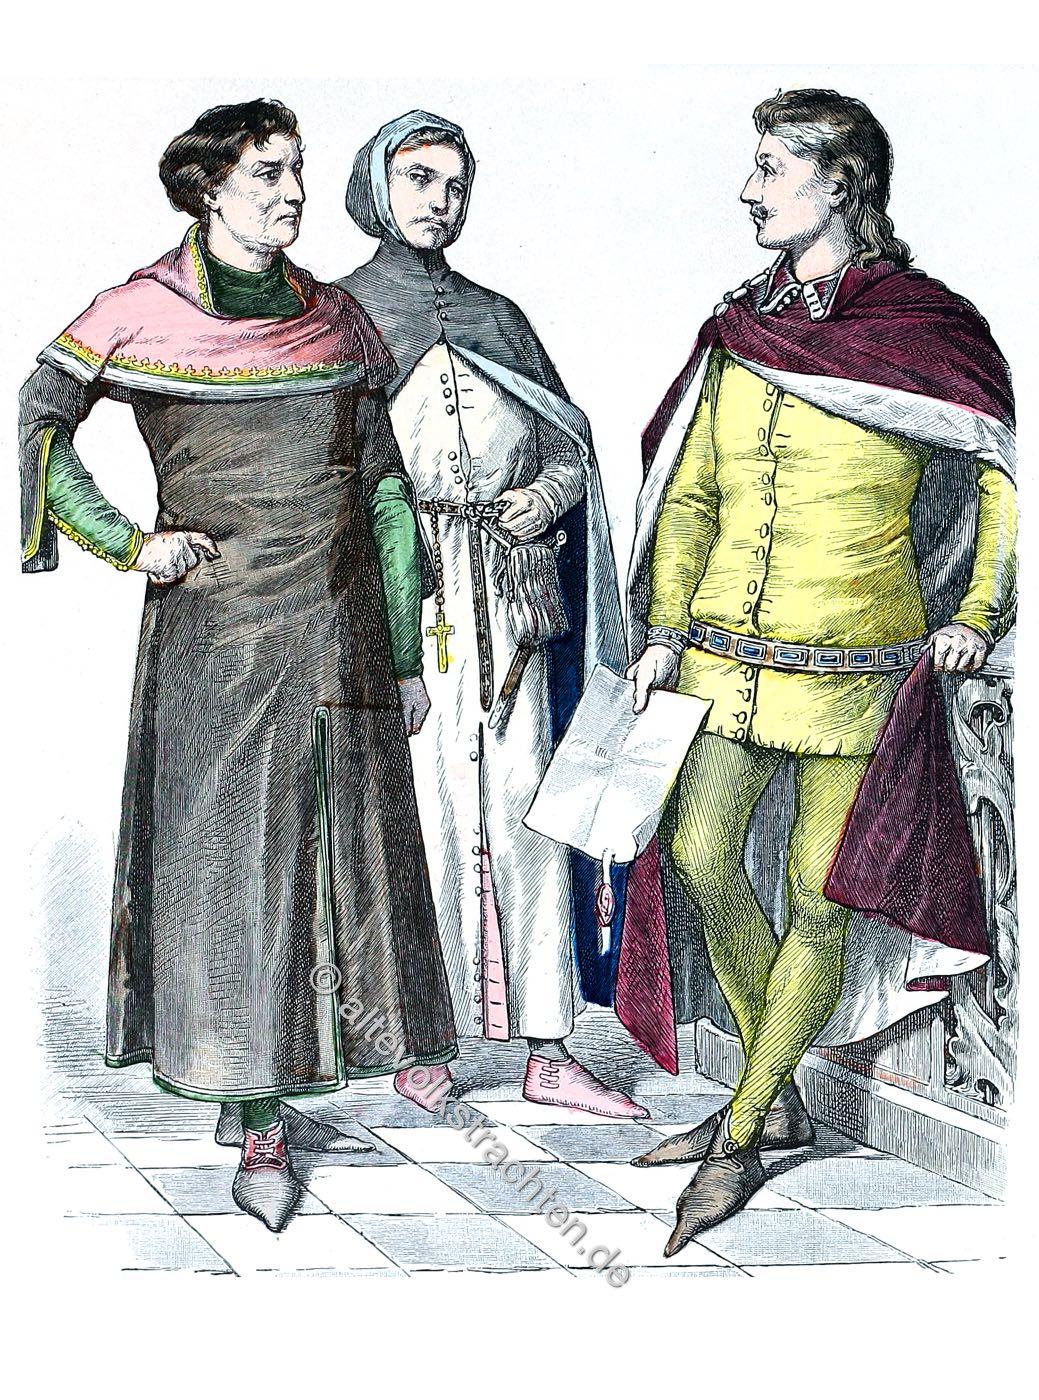 Münchener Bilderbogen, Mode, England, Mittelalter, Kaufleute, Edelmann, Kostüme, Trachten